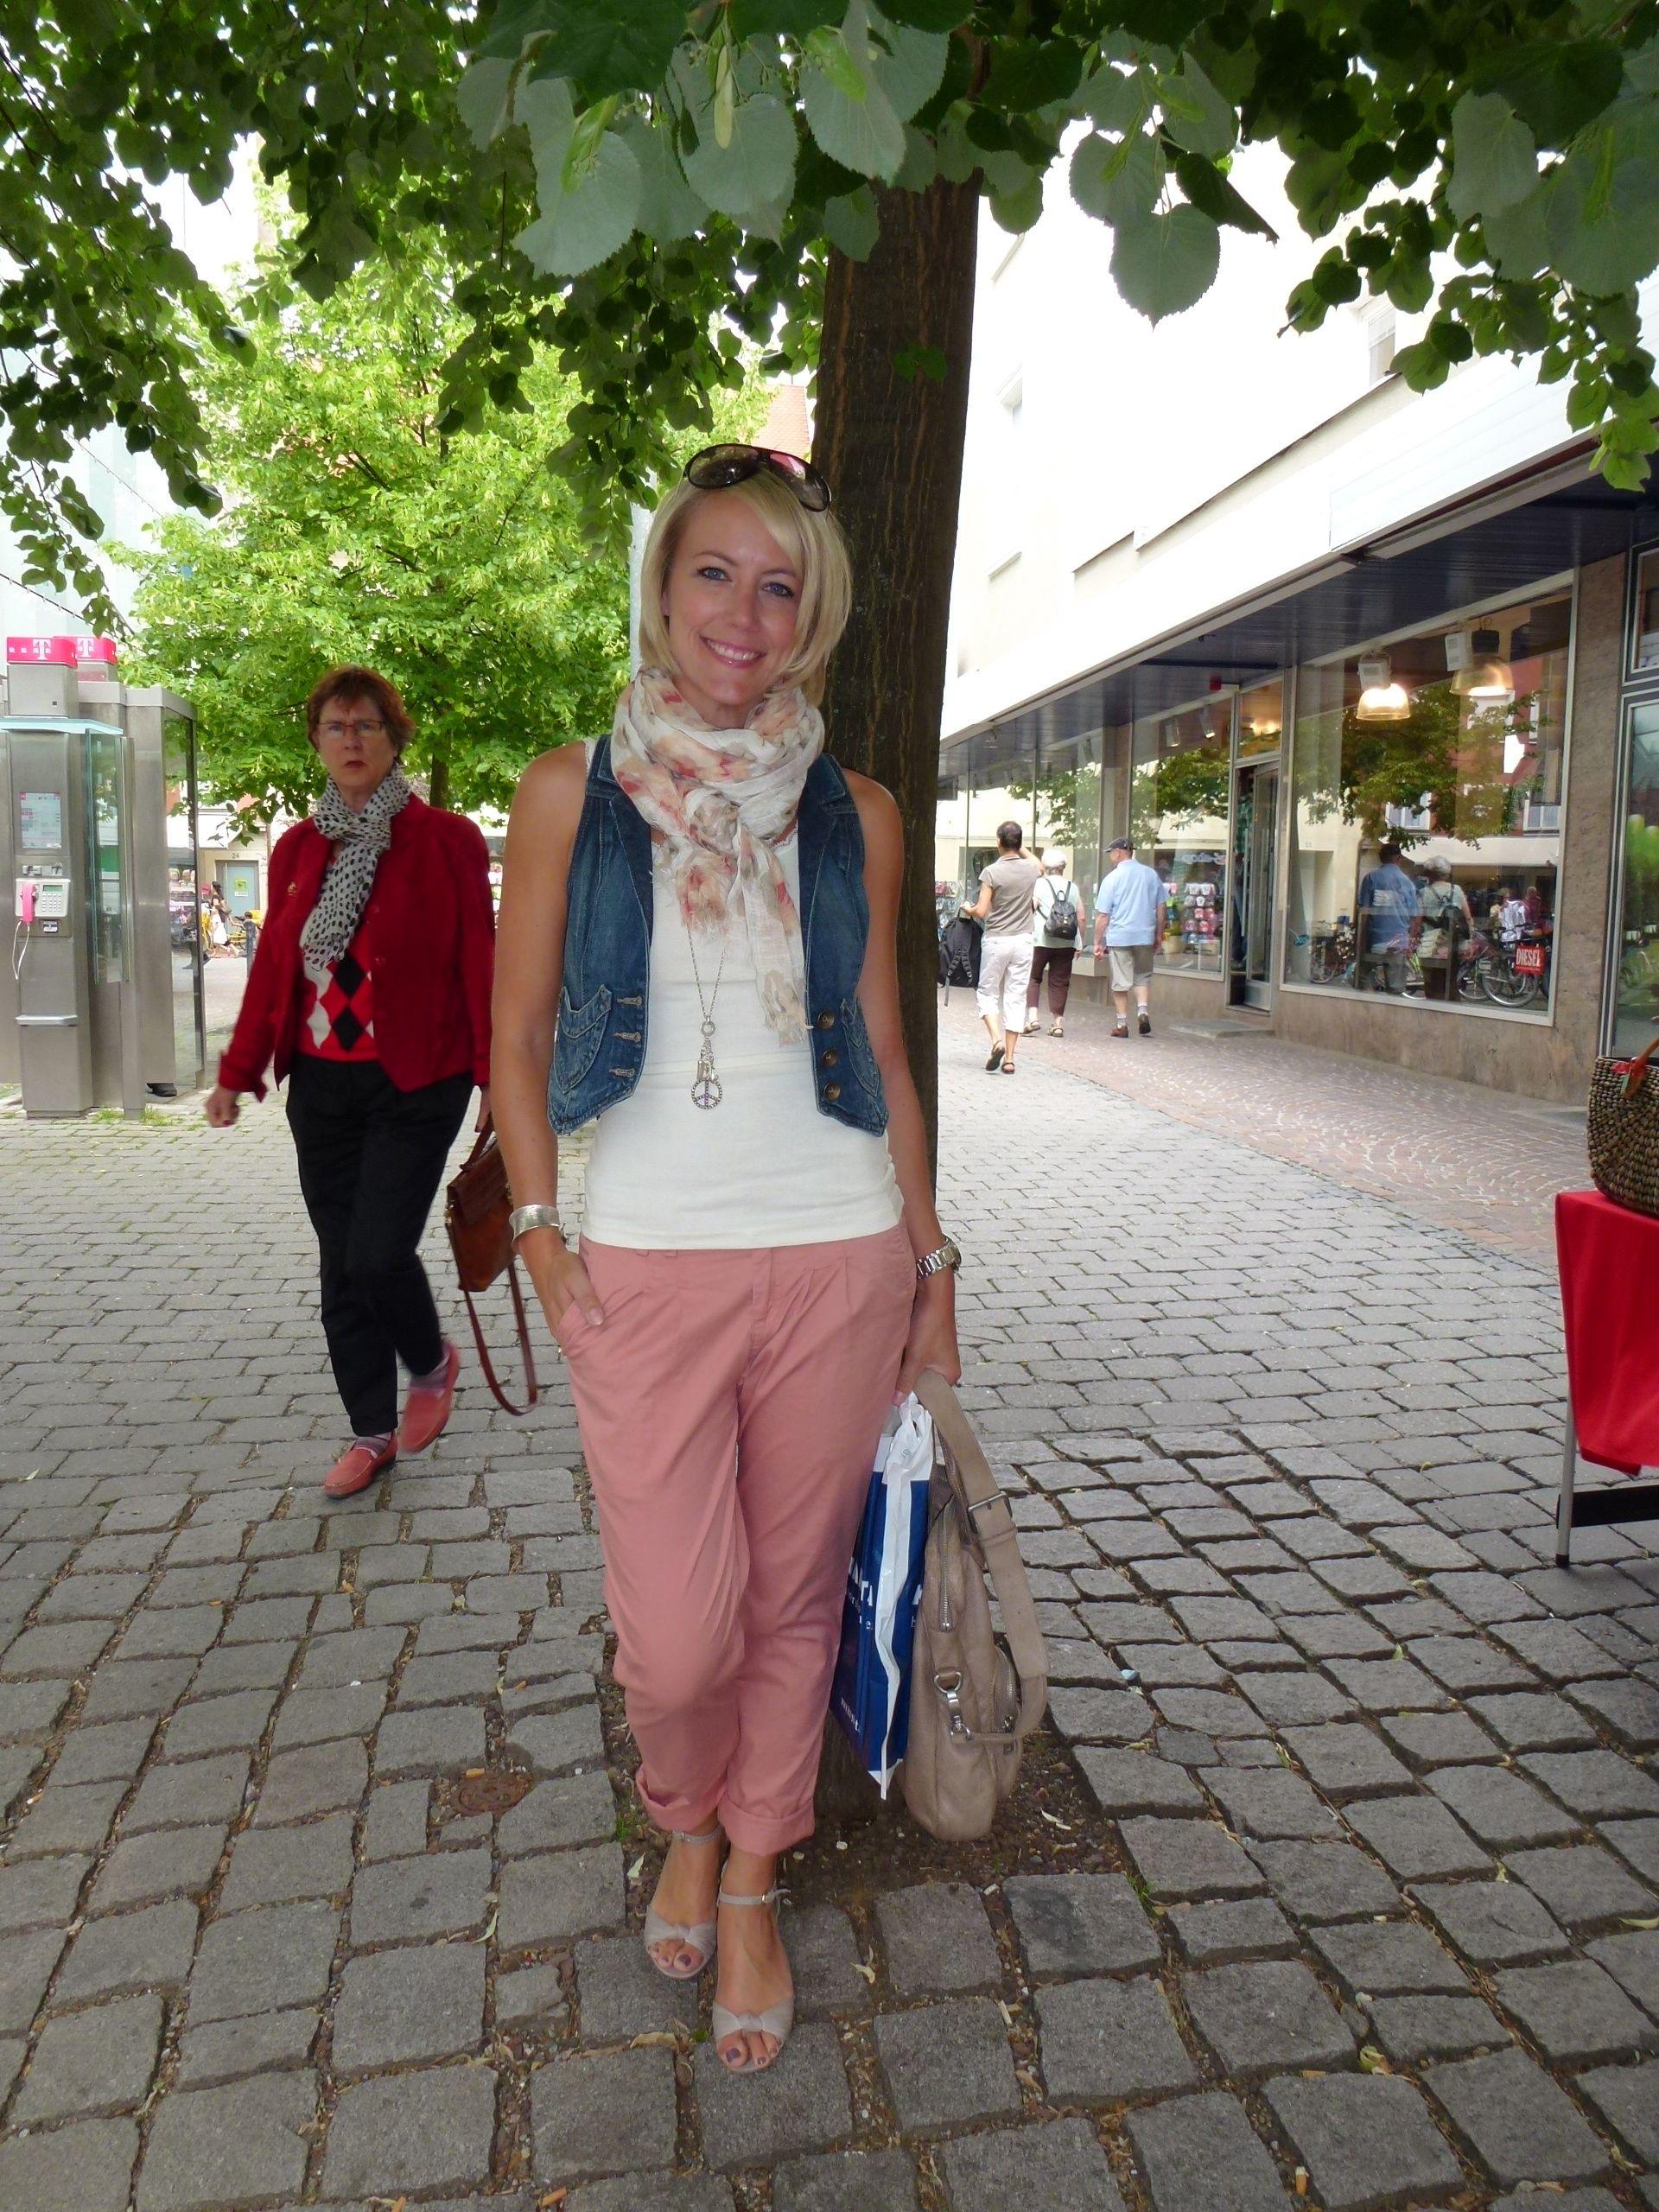 7c22bd6c2ebec2 Diesen Sommer sind Hosen in allen Farben und Formen erlaubt! Ich suche  derzeit Skinny-Jeans in Türkis, Rot, Gelb und Rosa. Melanie hat ihre rosa  Hose schon ...